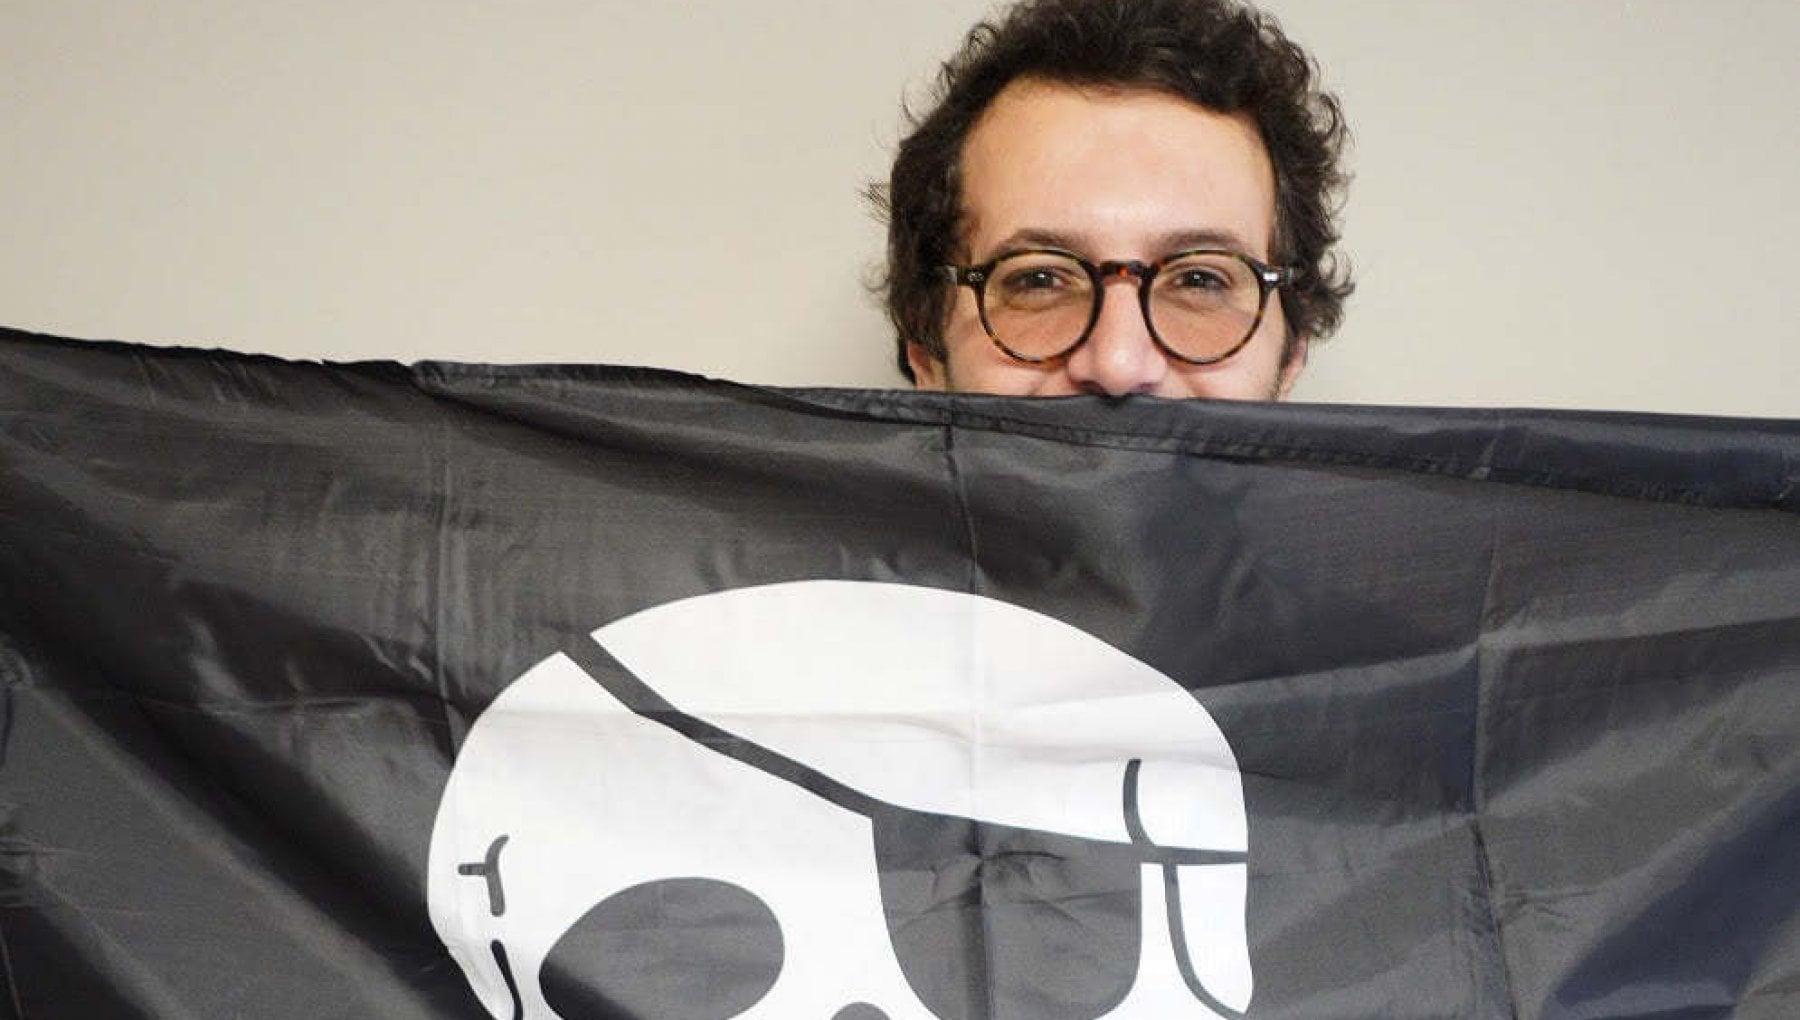 """Enrico Pandian, il fondatore di Everli: """"Così sono diventato un copiatore seriale"""""""